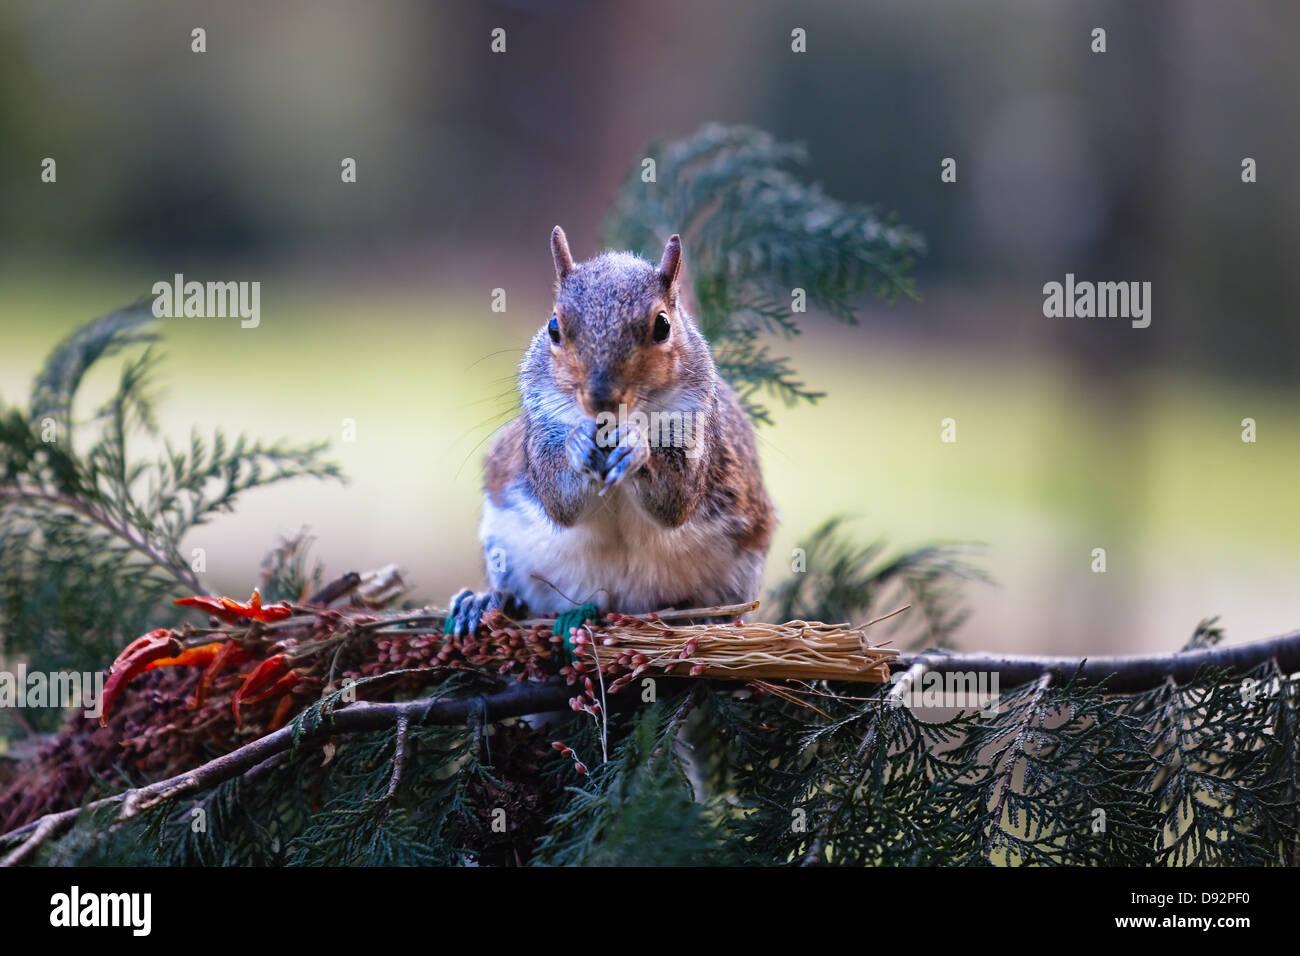 Un arbre est l'alimentation de l'Écureuil sur une branche d'arbre Photo Stock